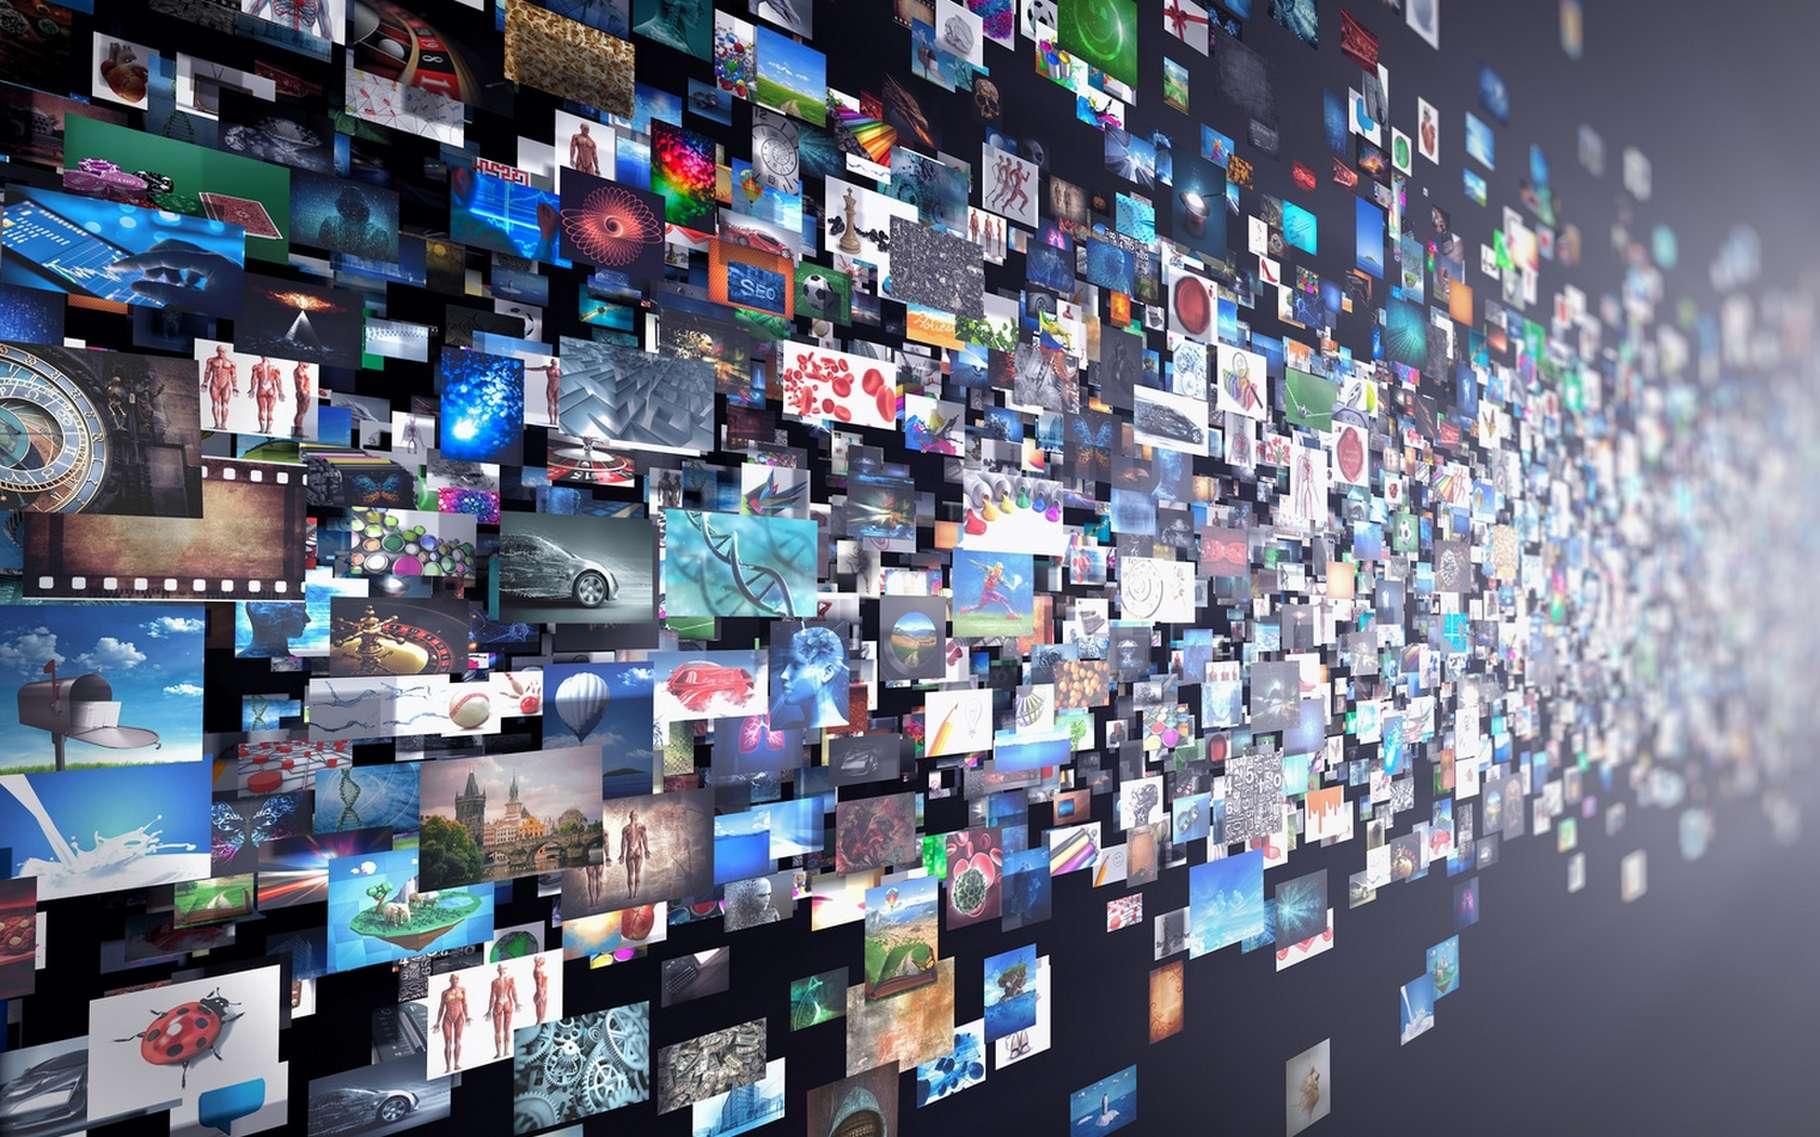 Italia film i migliori siti di streaming chimerarevo for Migliori siti di architettura